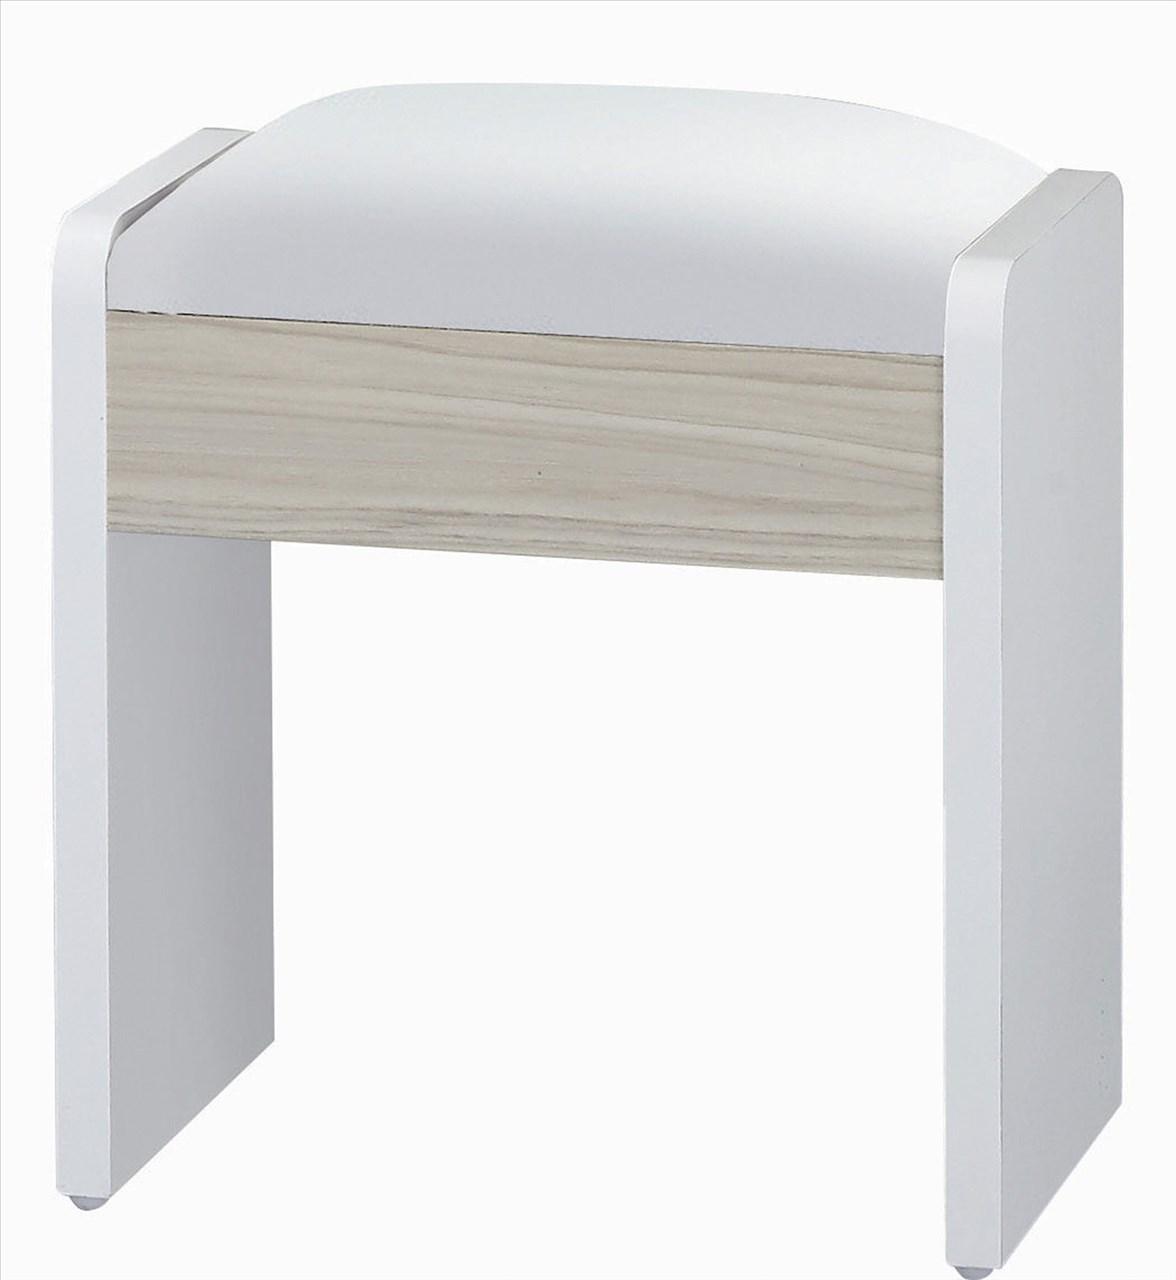 【石川家居】GD-477-4 艾美爾系統_鐵杉白 化妝椅(單)(不含其他商品) 台中以北搭配車趟免運